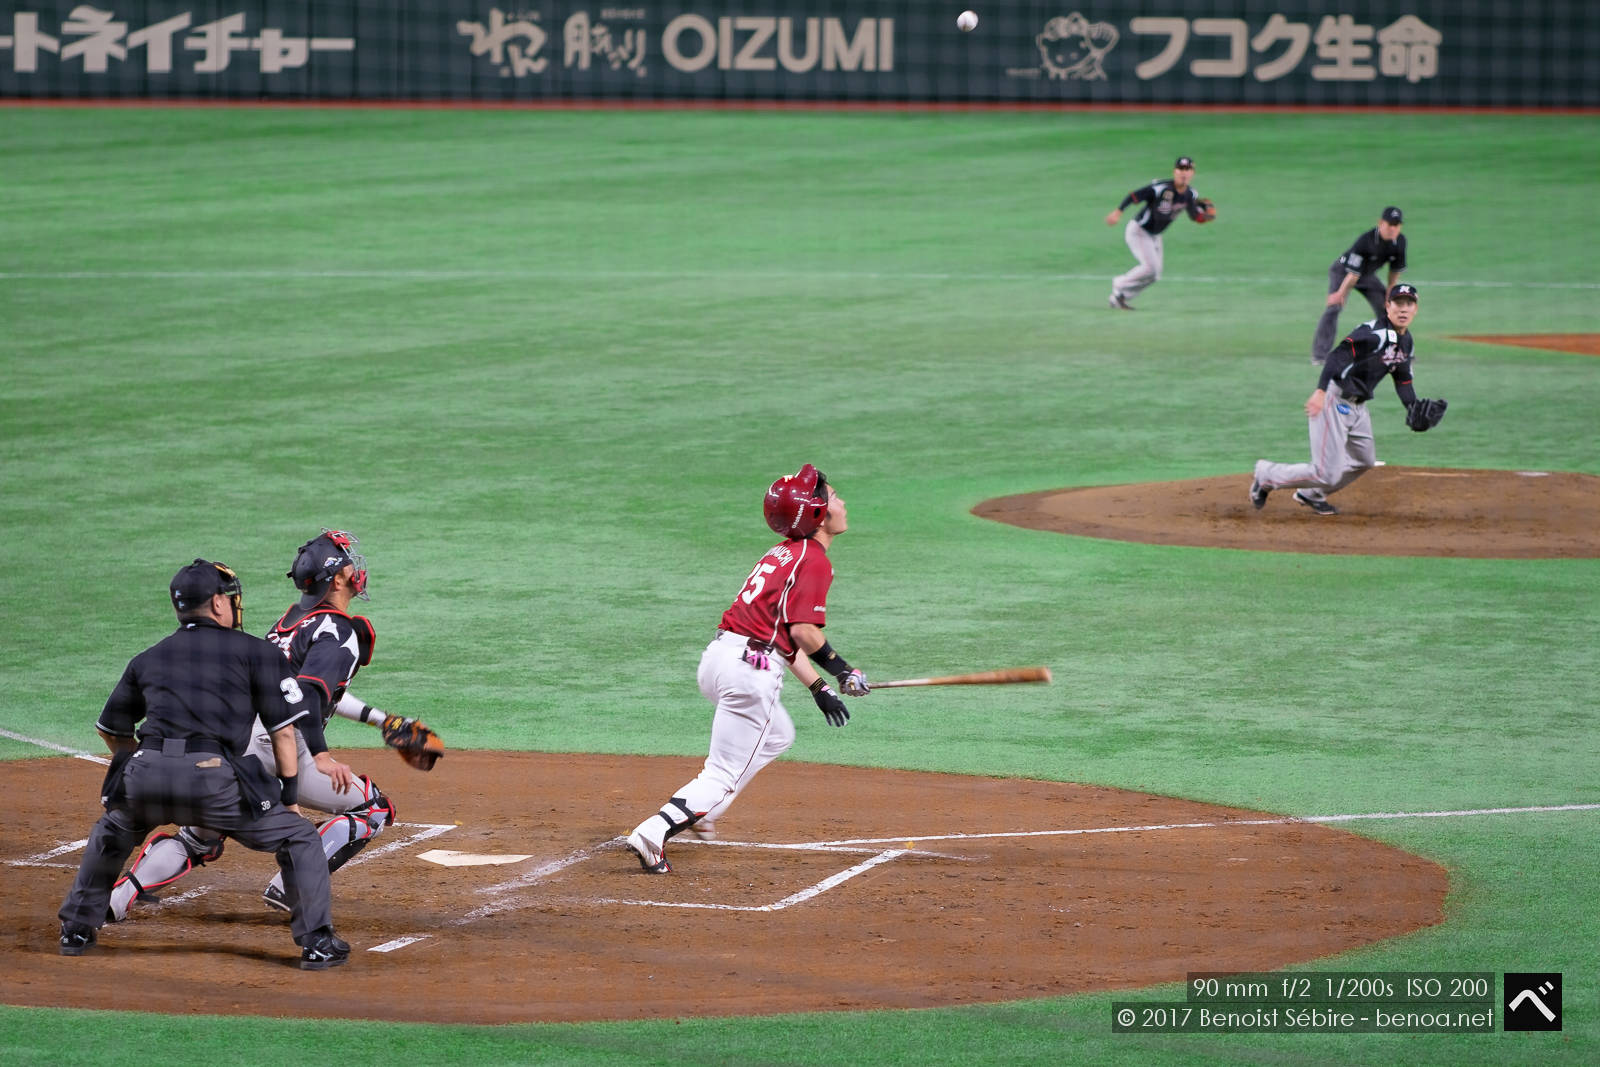 Baseball at 8fps